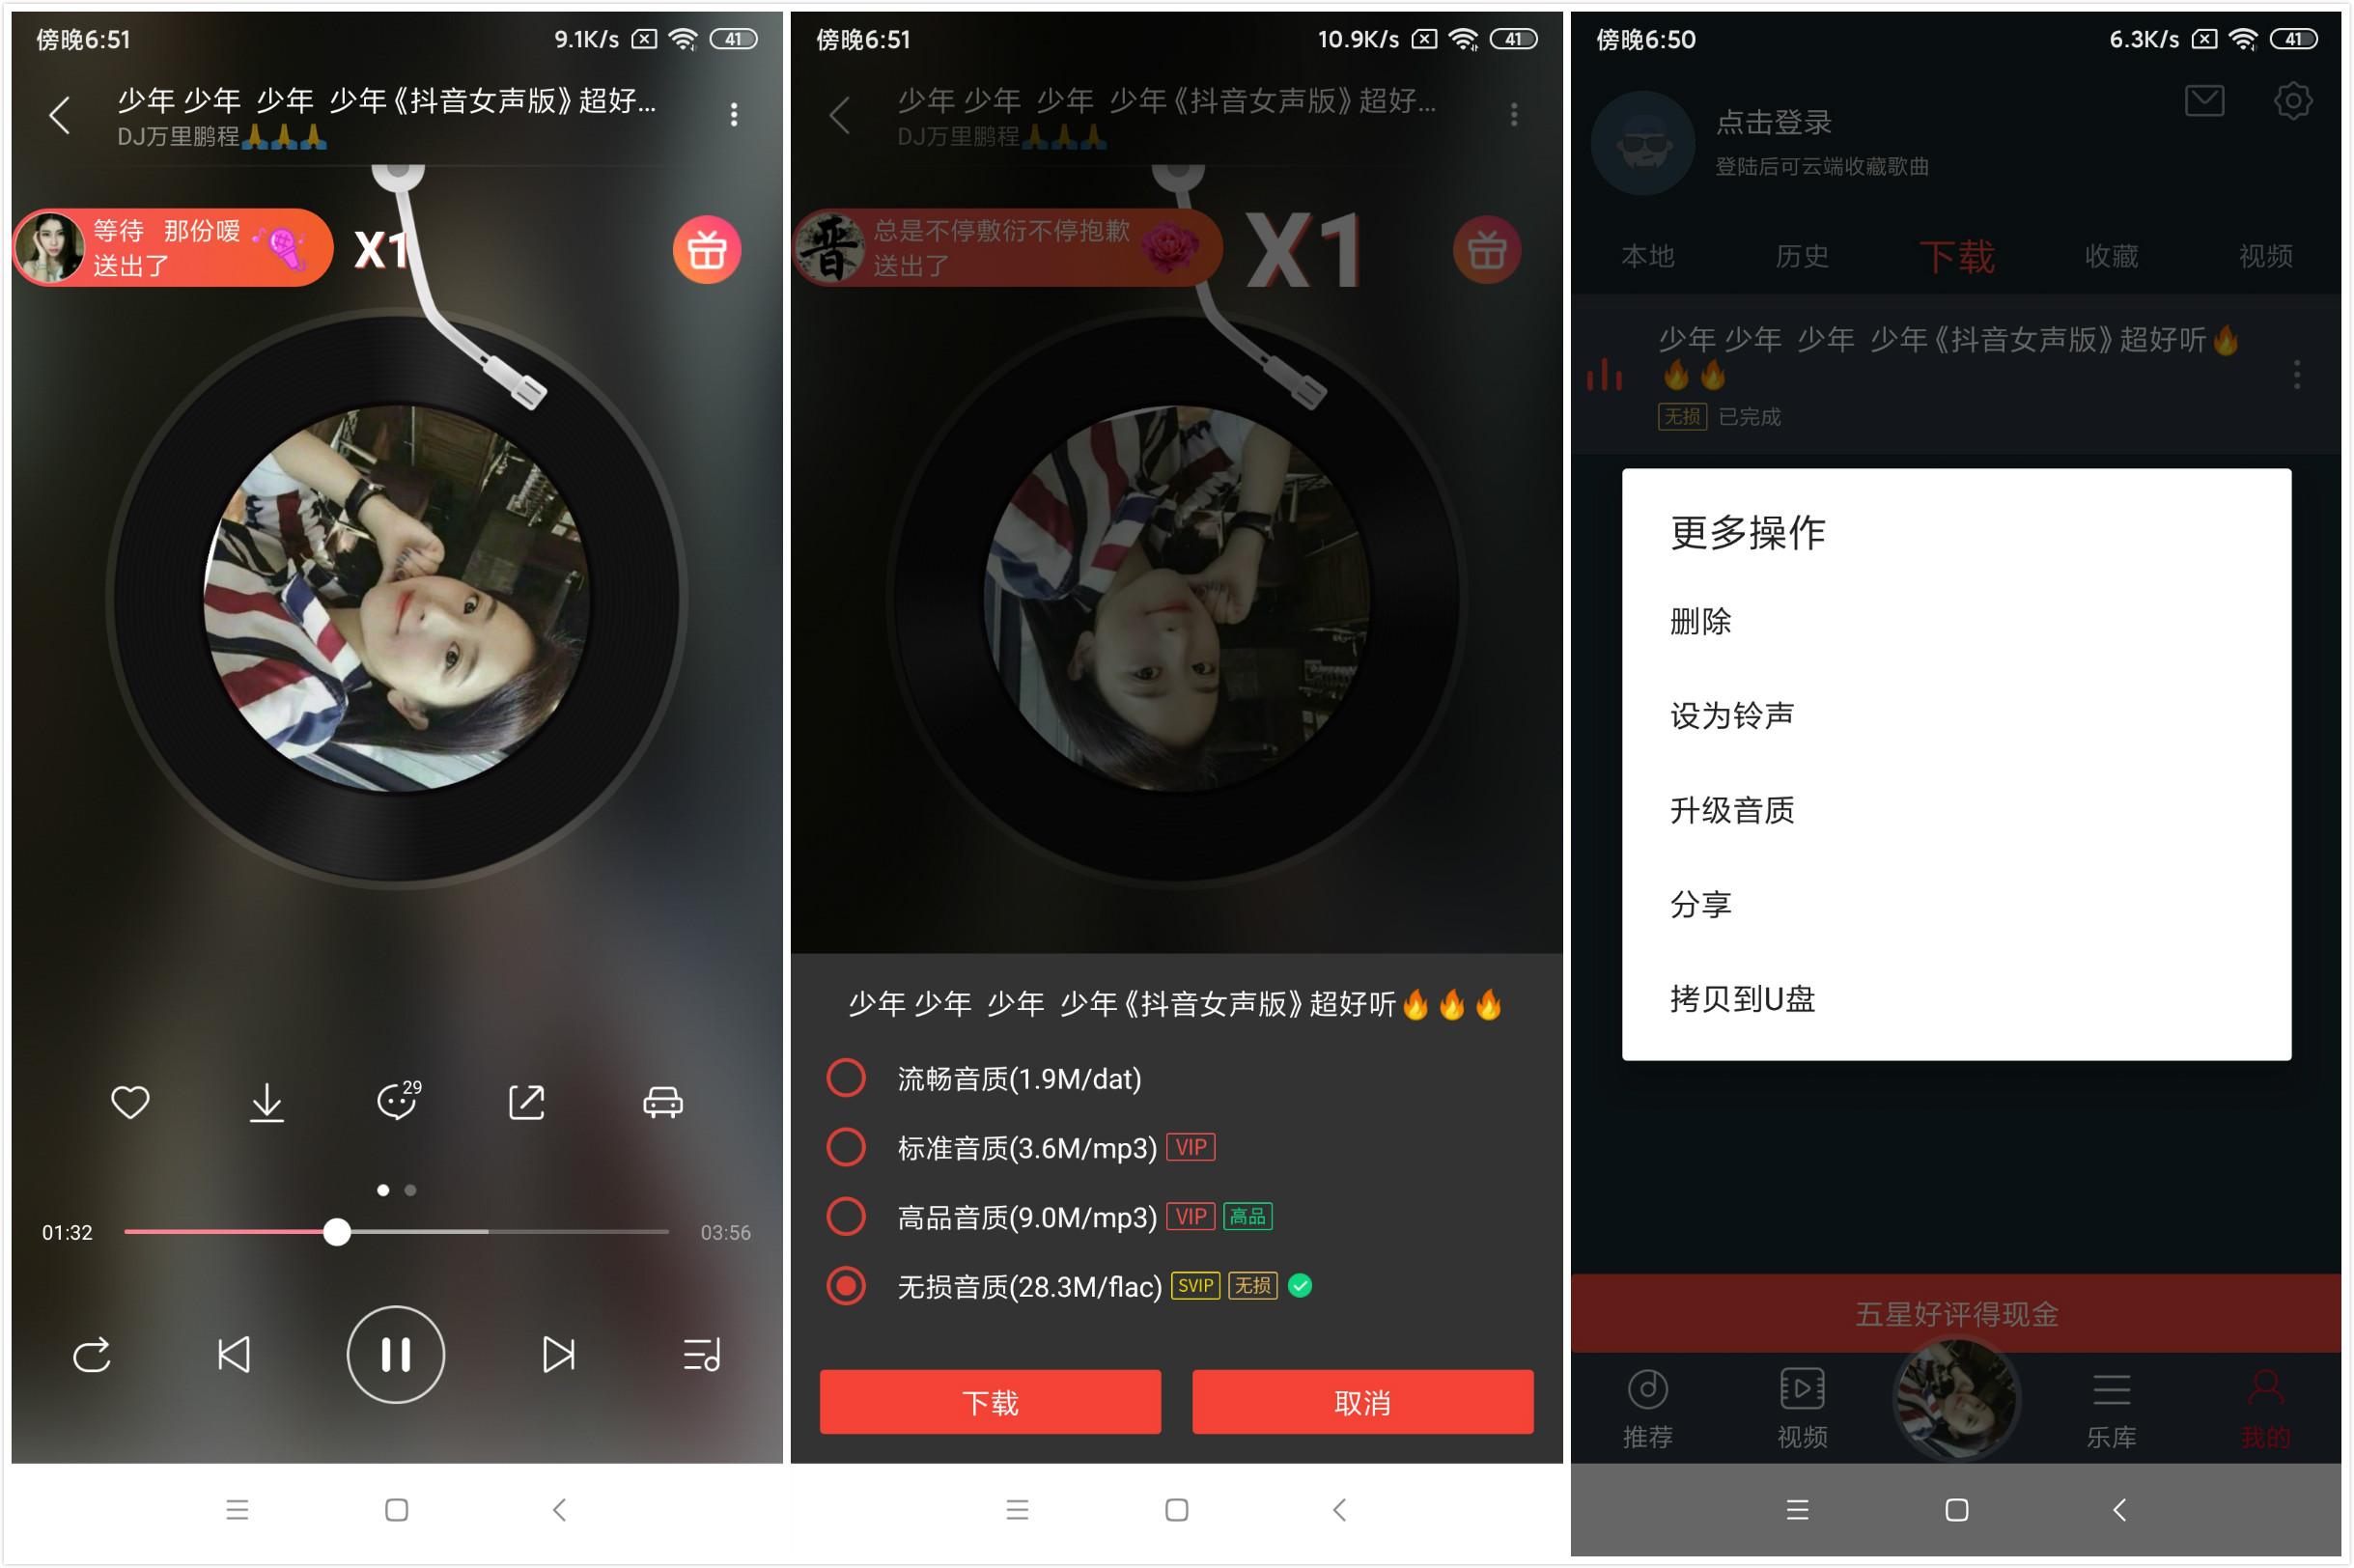 DJ多多v3.9.66 安卓VIP破解版